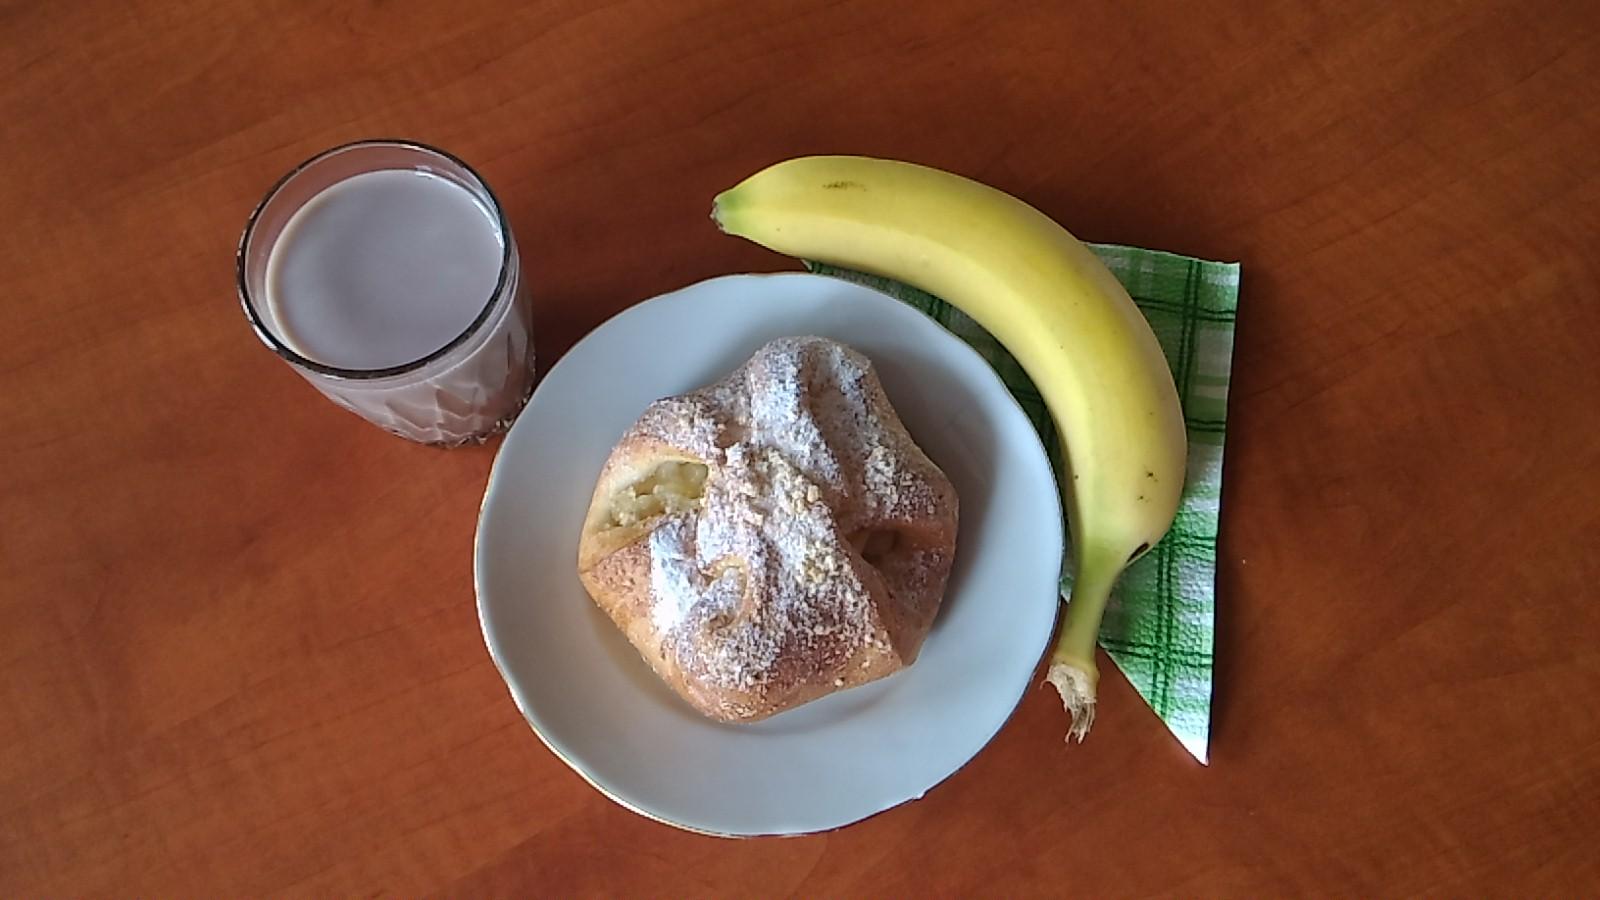 svačina koláč a banán, mléko